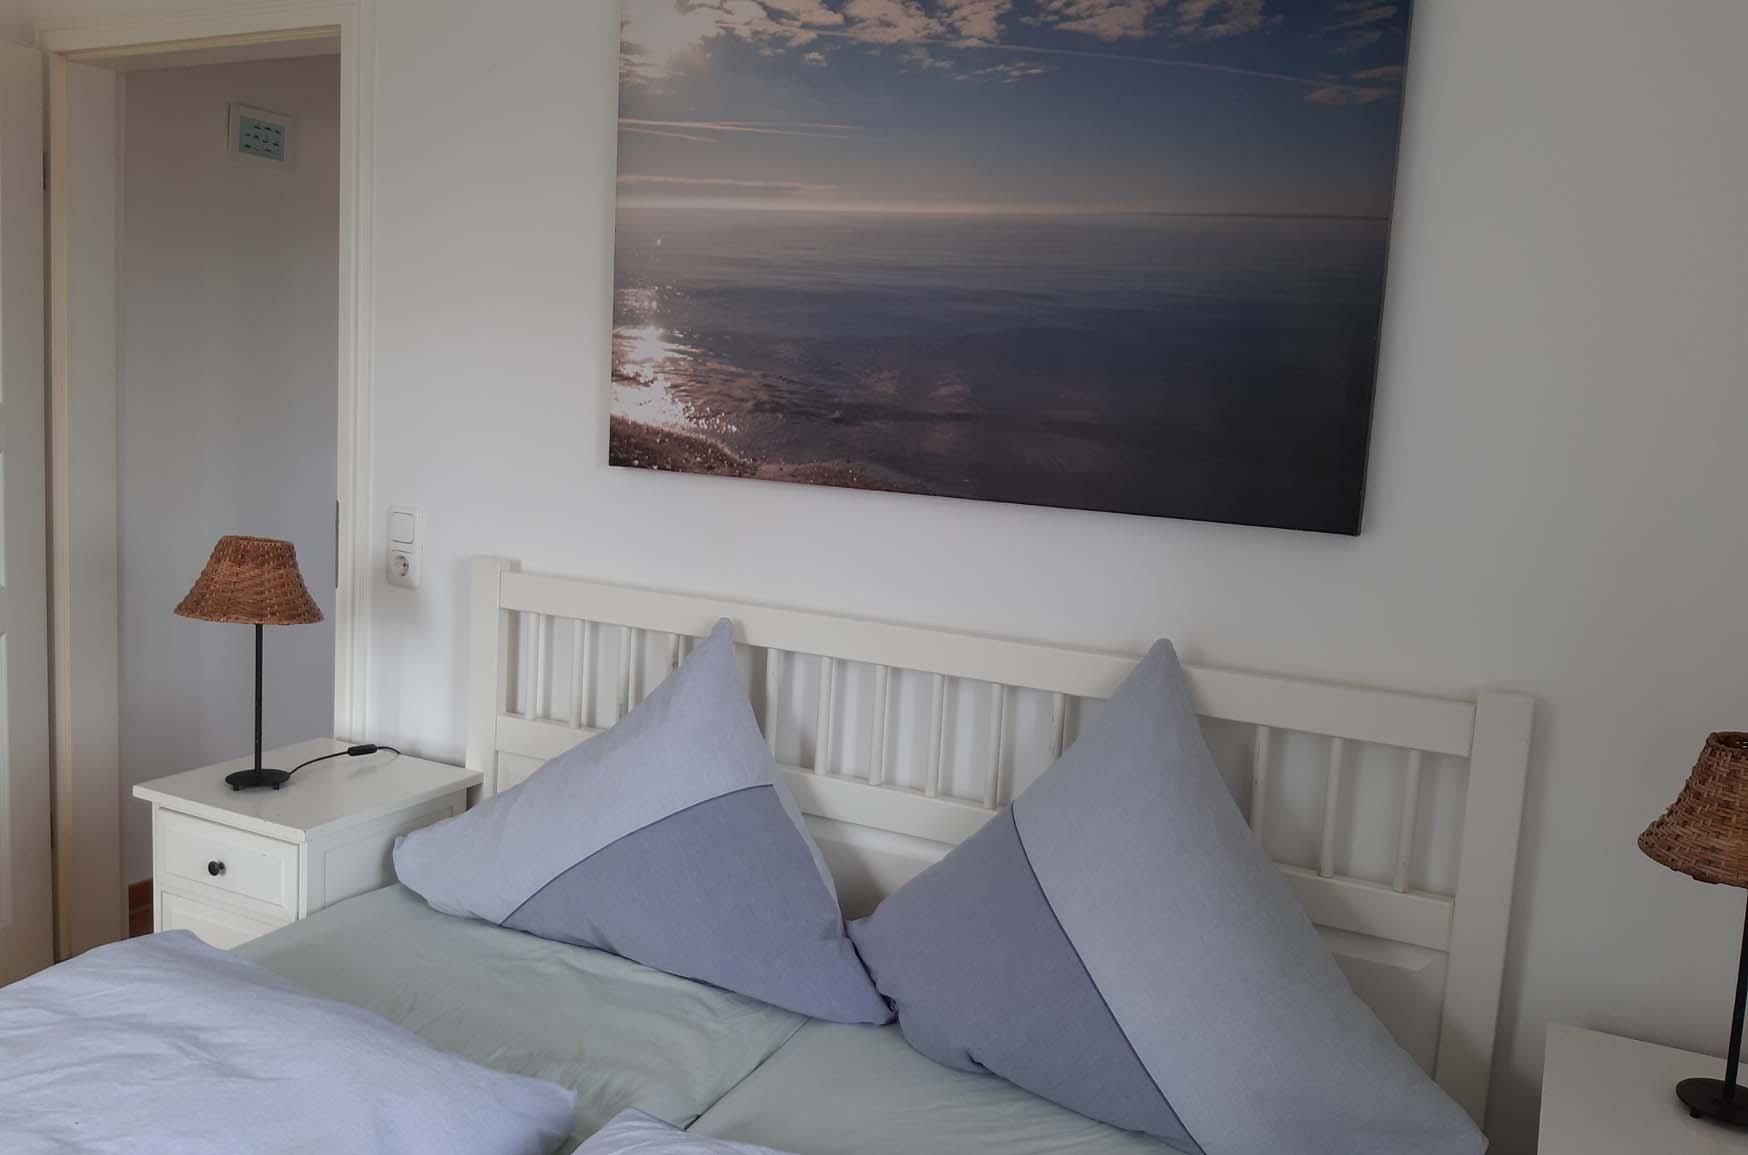 Ferienwohnung Weitblick - Schlafzimmer